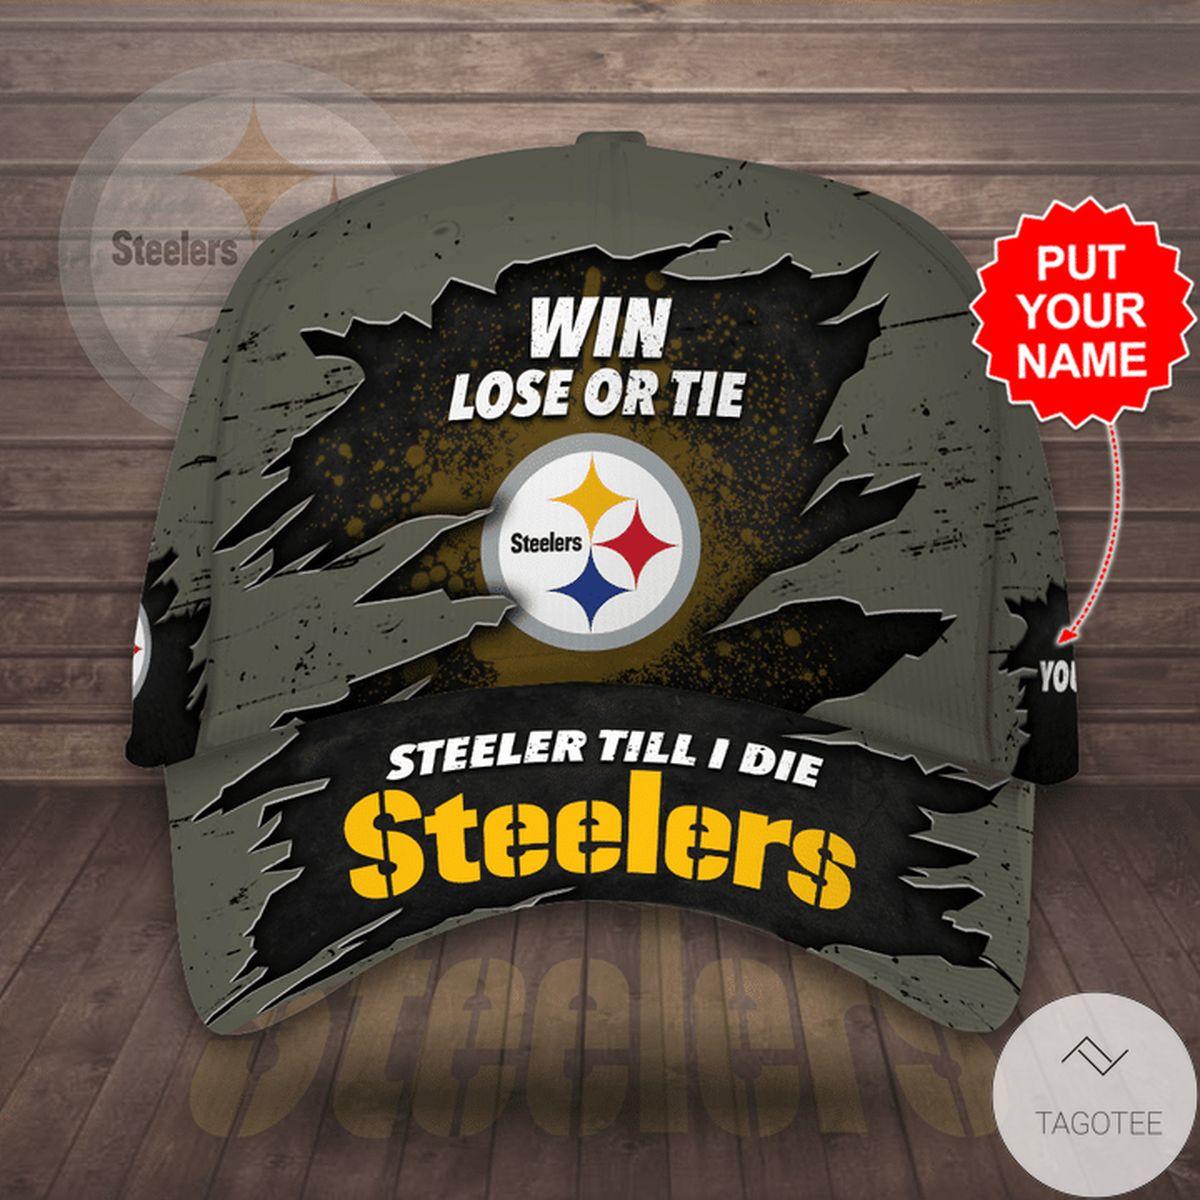 New Personalized Win Lose Or Tie Steelers Fan Till I Die Cap